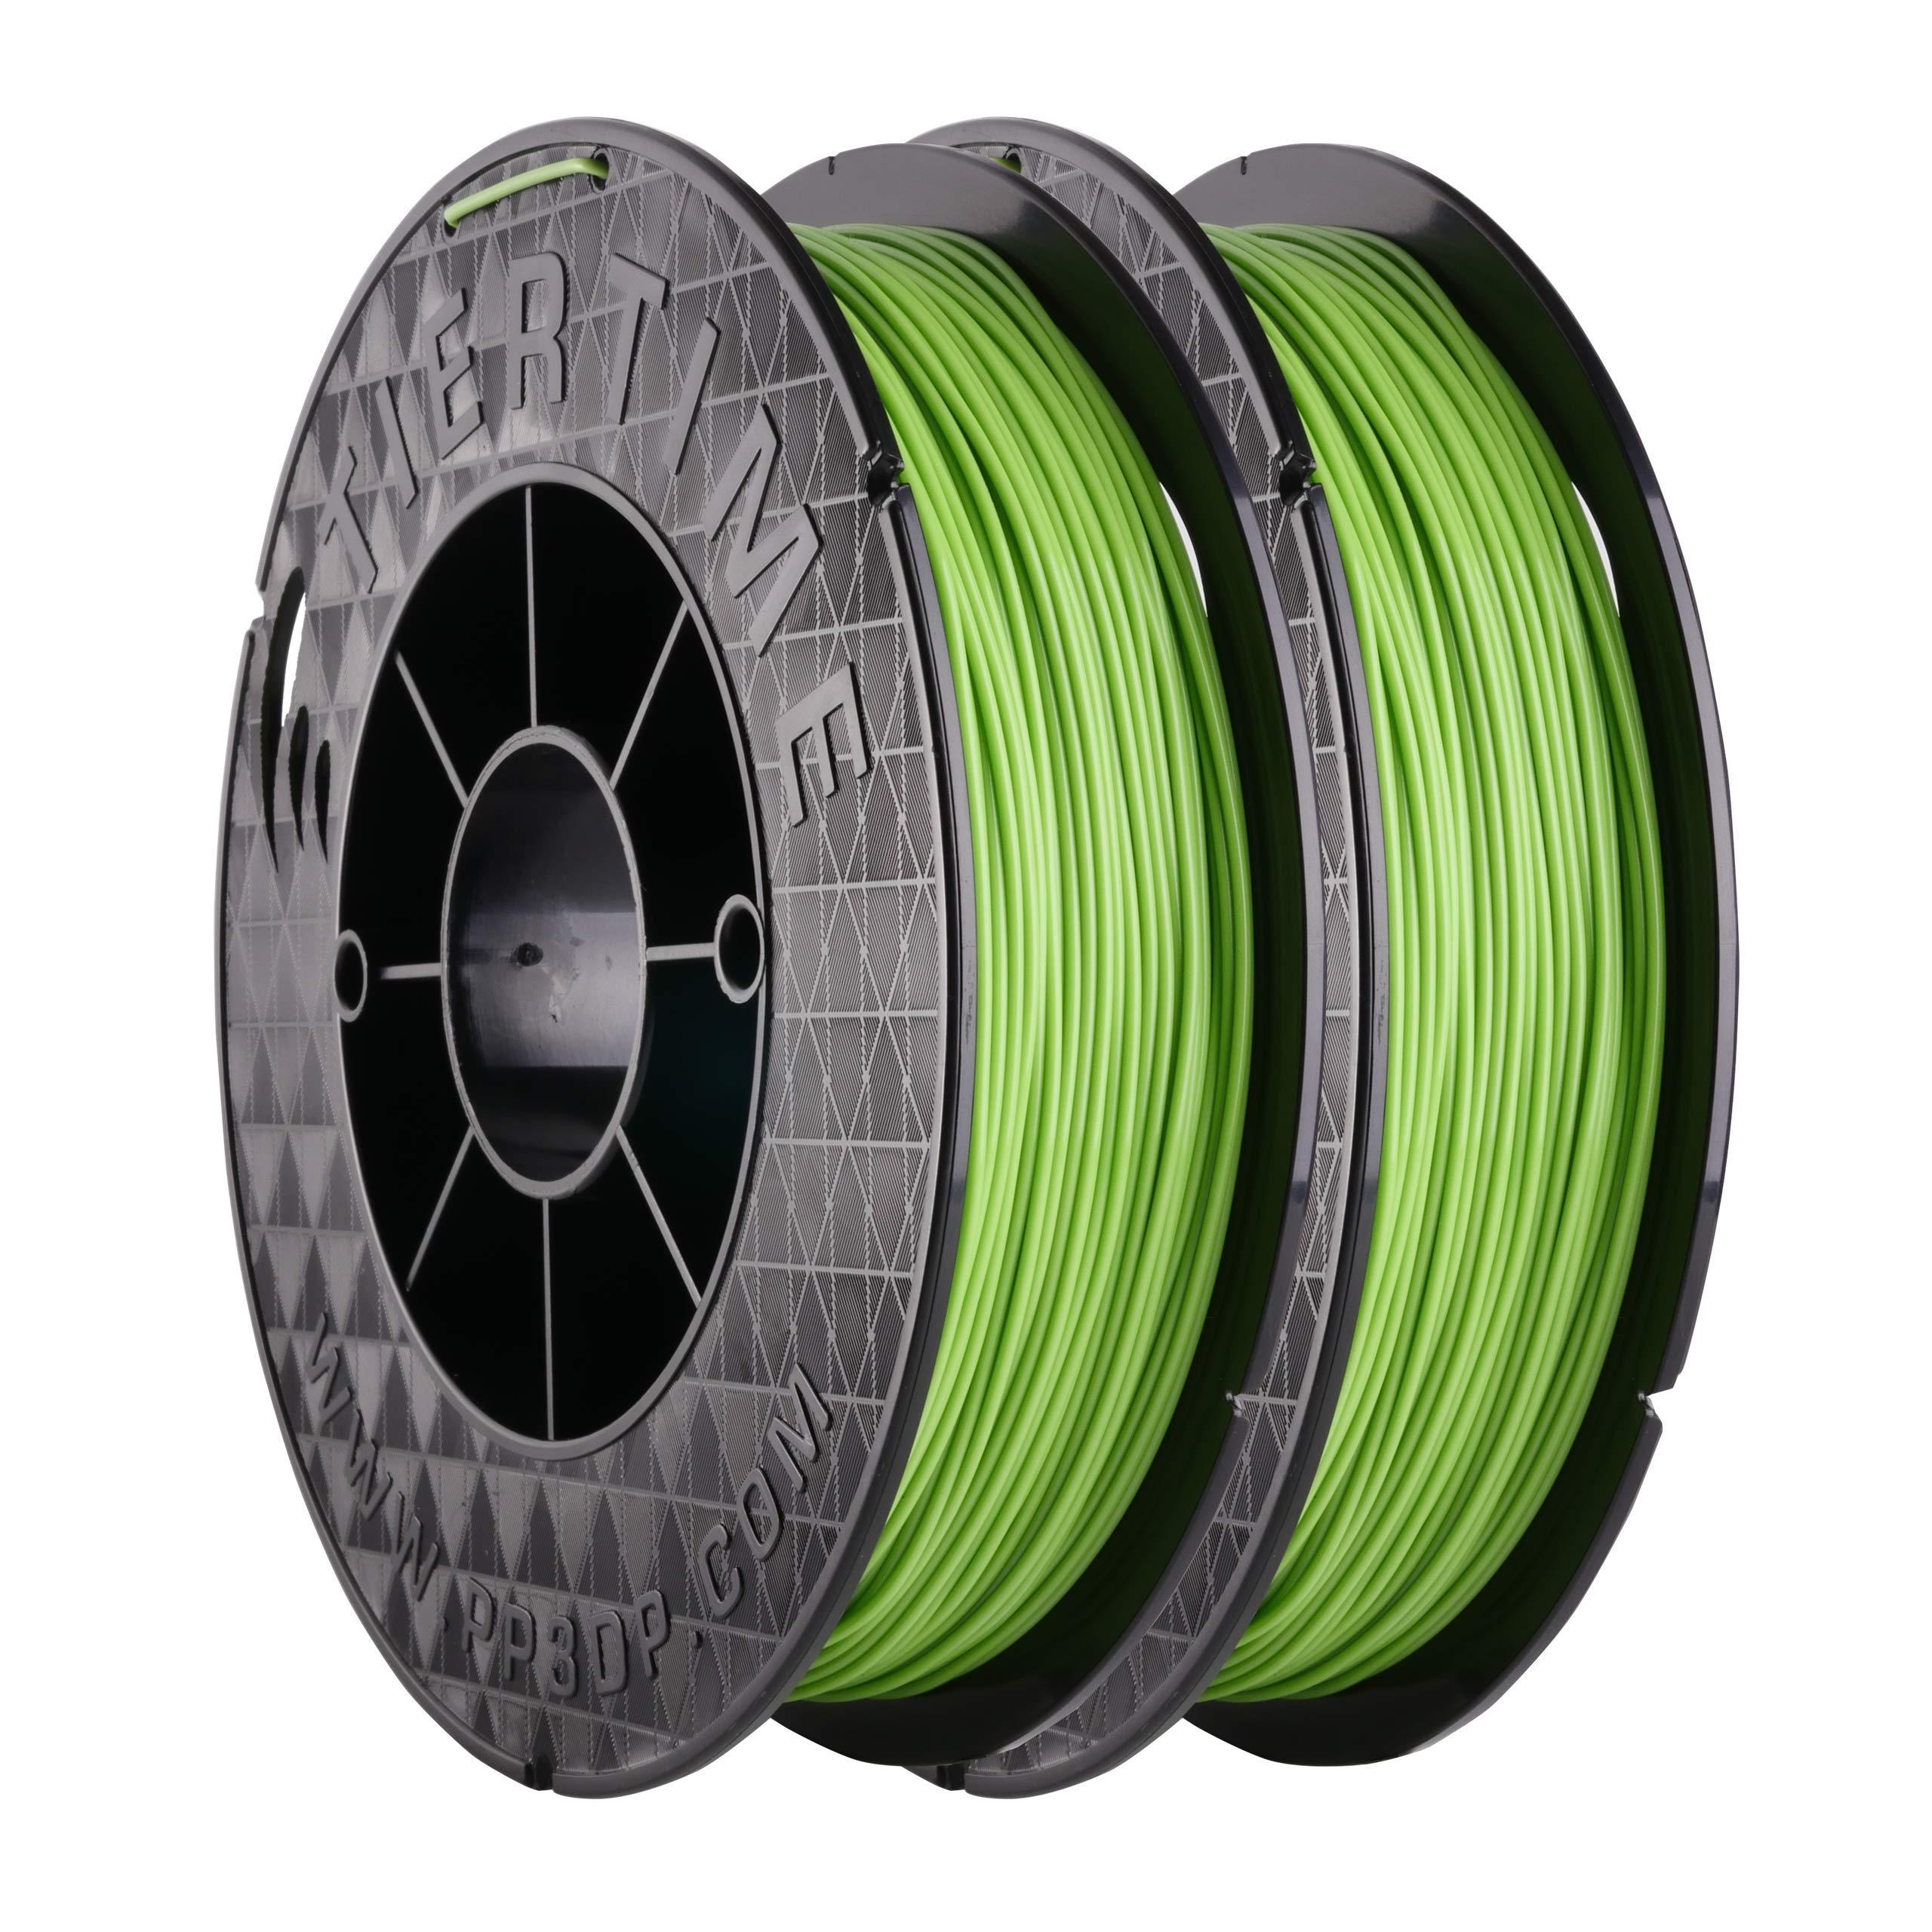 Filamento PLA 1.75mm 1kg COLOR FOTO-1 IMP 3D [17N7CWLM]